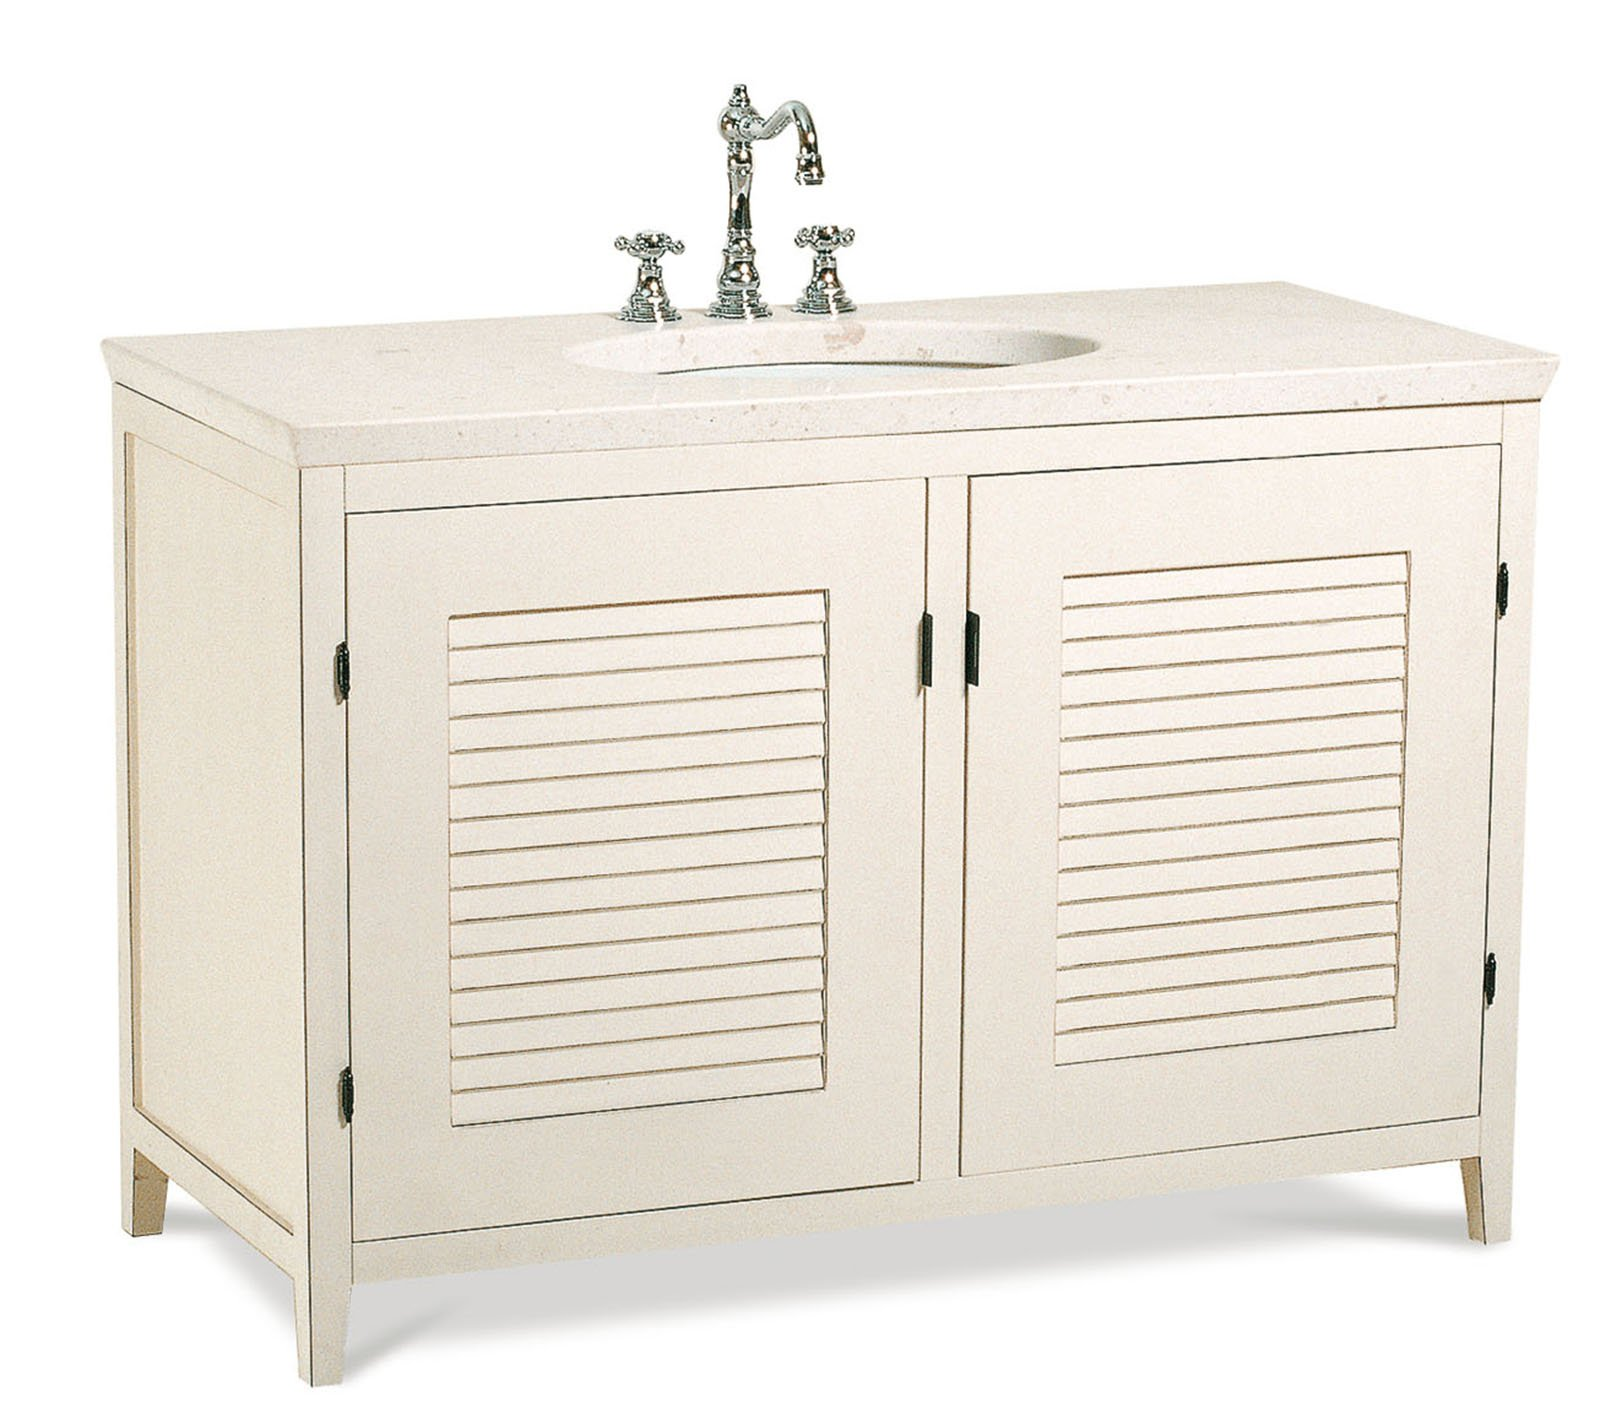 Bagno in stile vintage caldo e r tro cose di casa - Mobili a persiana ...